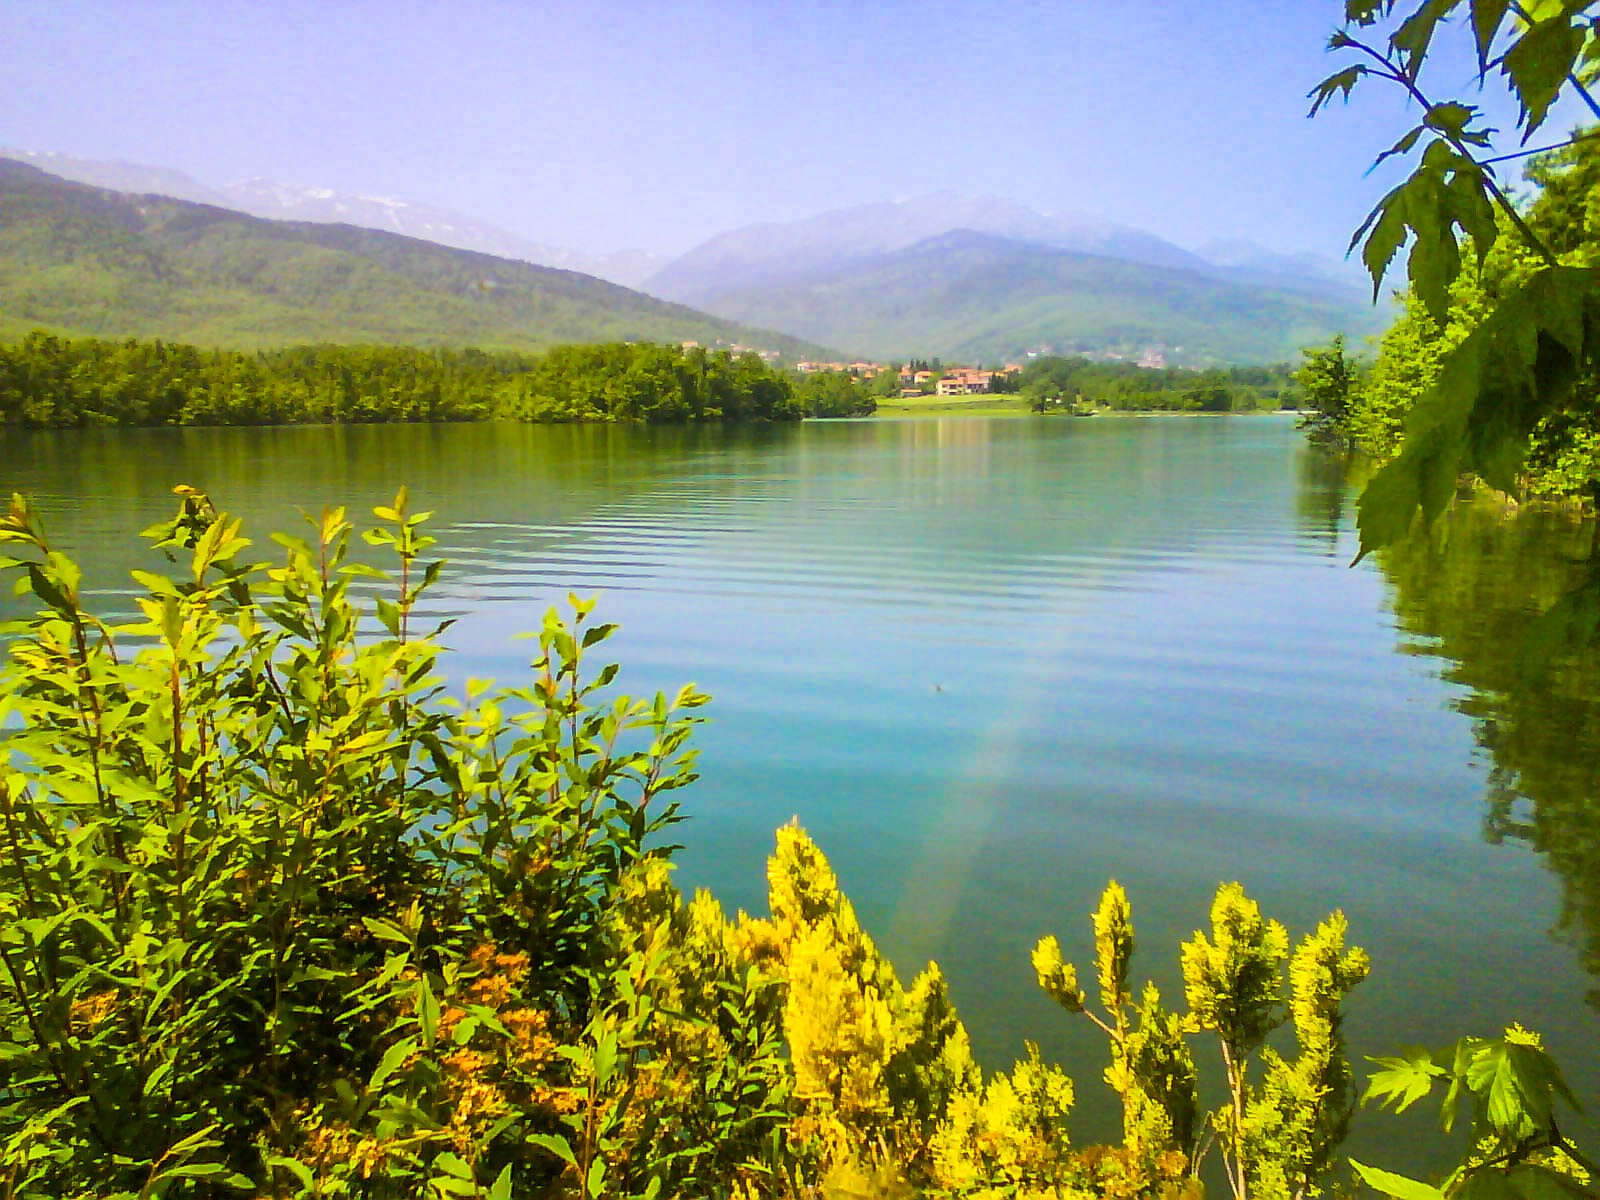 Βασίλης Αργύρης: Η λίμνη Πλαστήρα από τα Καλύβια Πεζούλας Νο 1